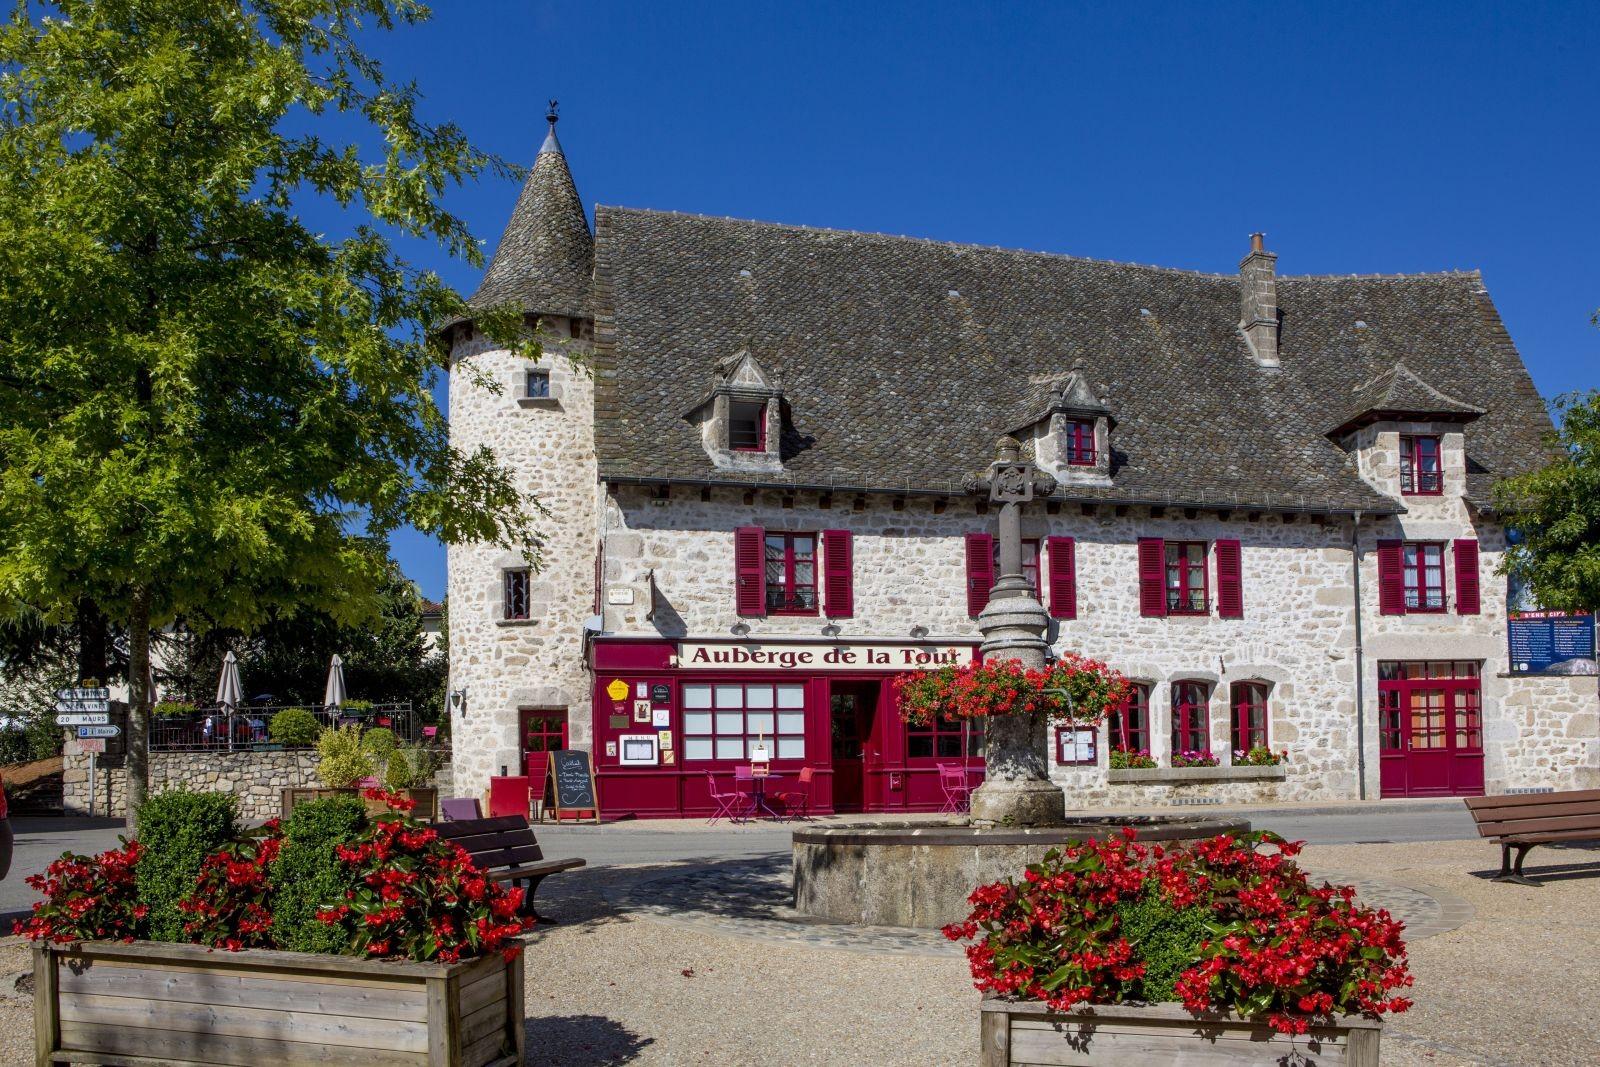 À Marcolès (15), l'ancienne auberge, relais de diligence devenu restaurant gastronomique et chambres d'hôtes, contribue à l'attractivité de la Petite Cité de Caractère. © Pierre Soissons.